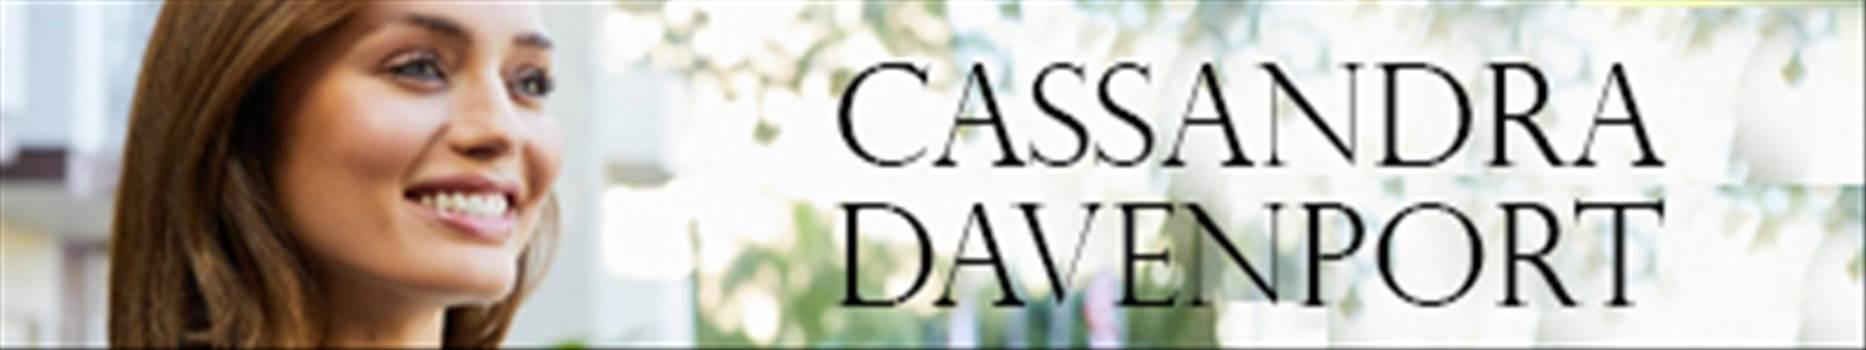 cassandra-tracker.jpg by Kyra Wensing